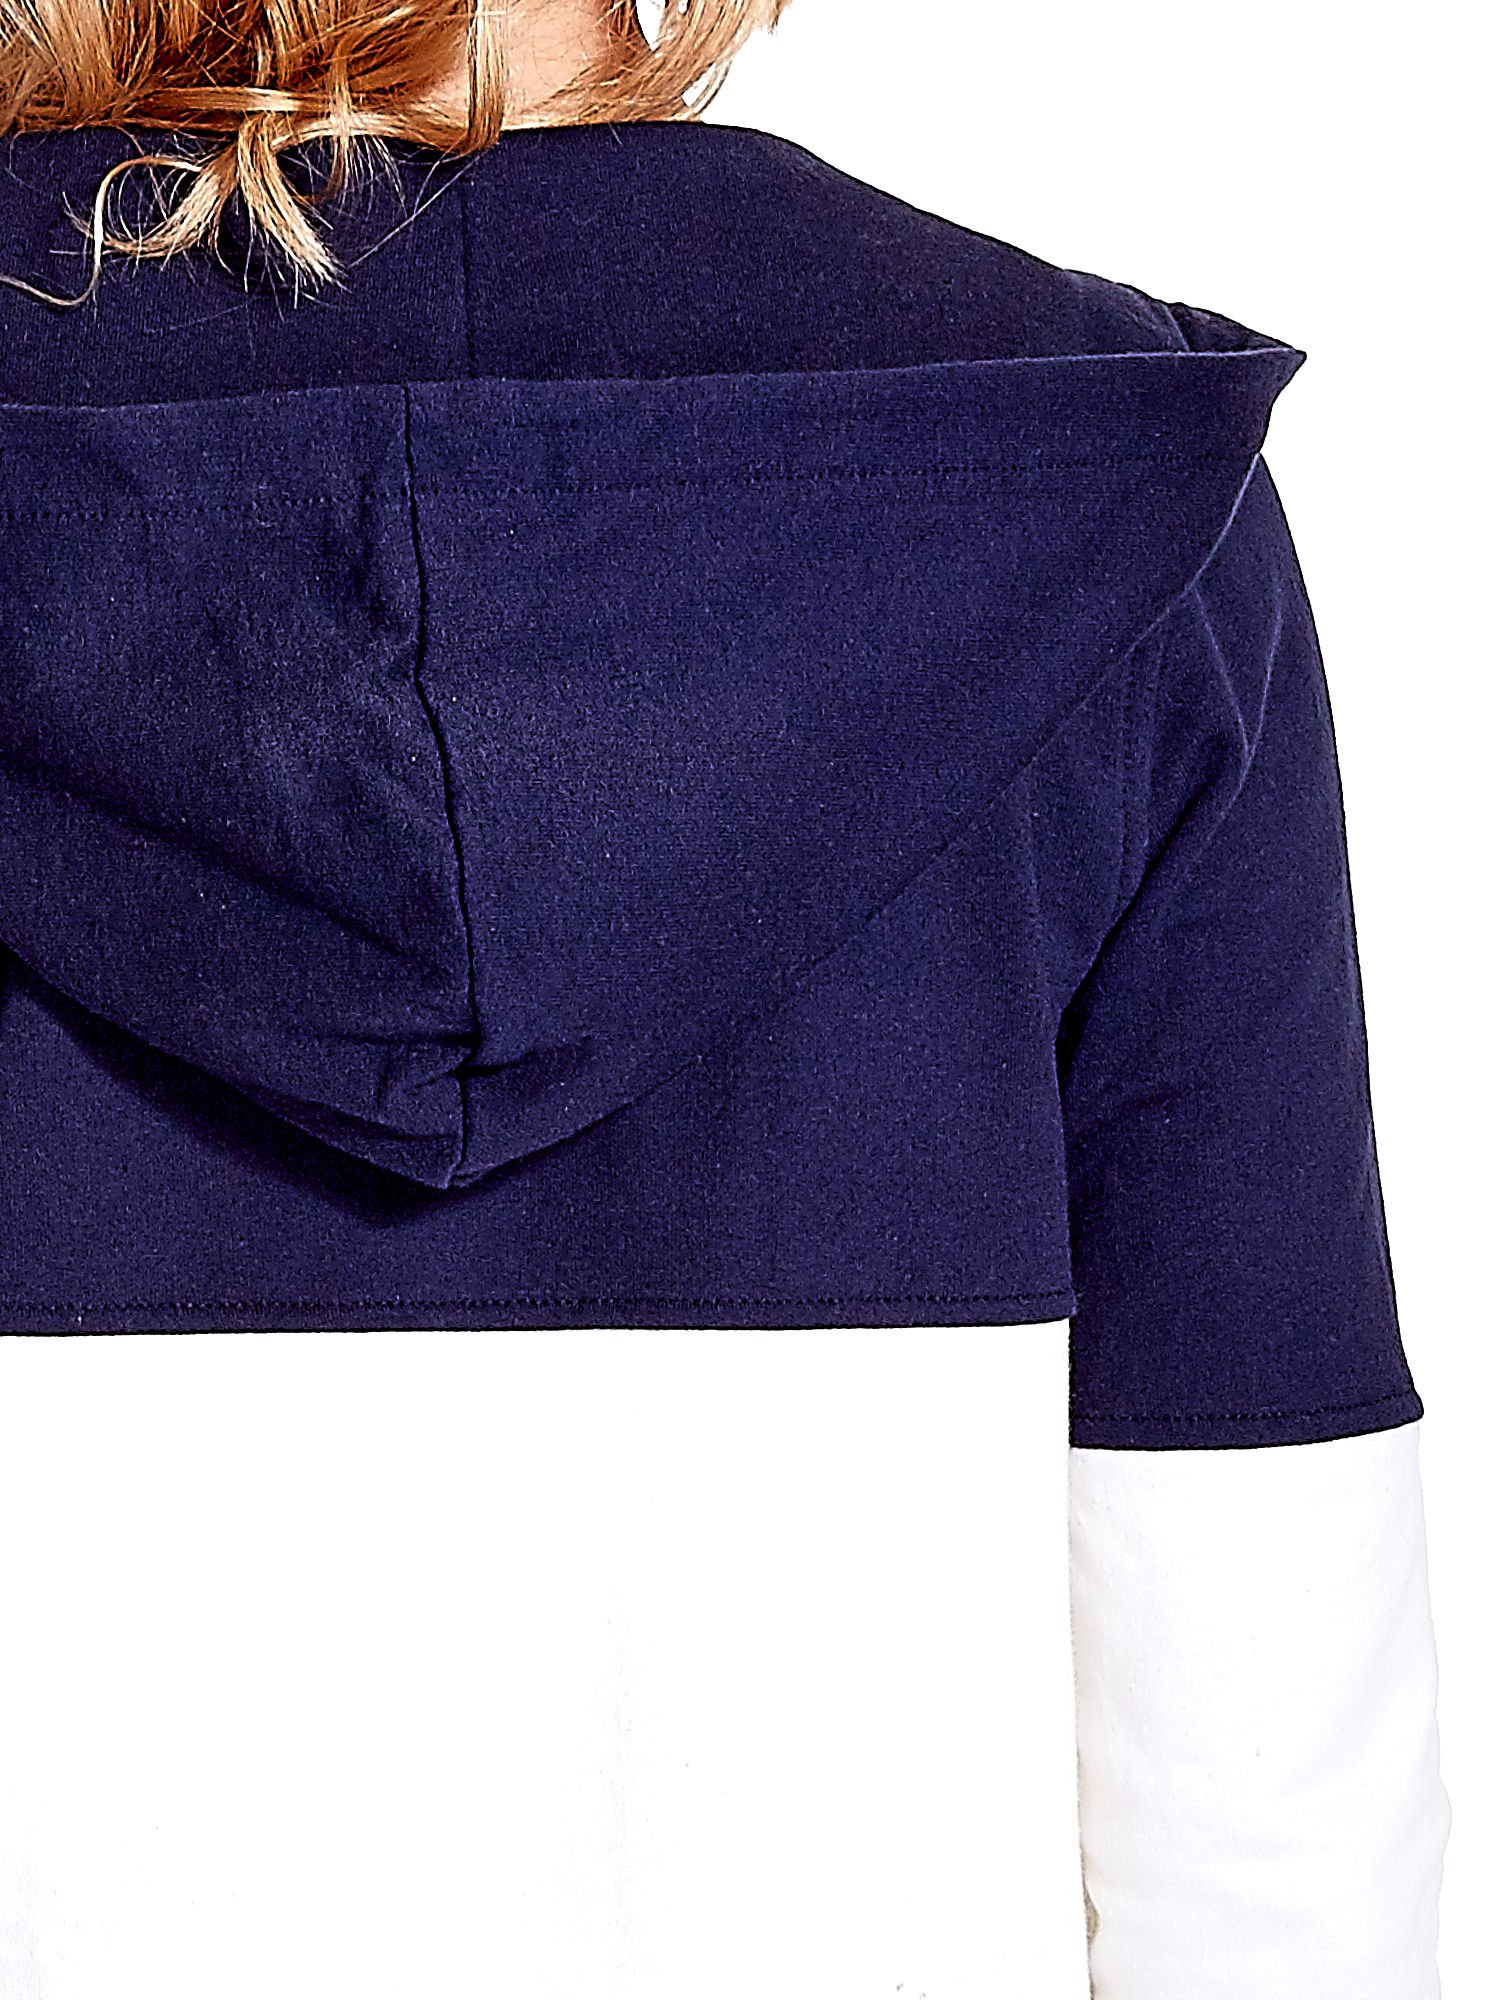 Granatowa bluza w szerokie kolorowe pasy                                  zdj.                                  8